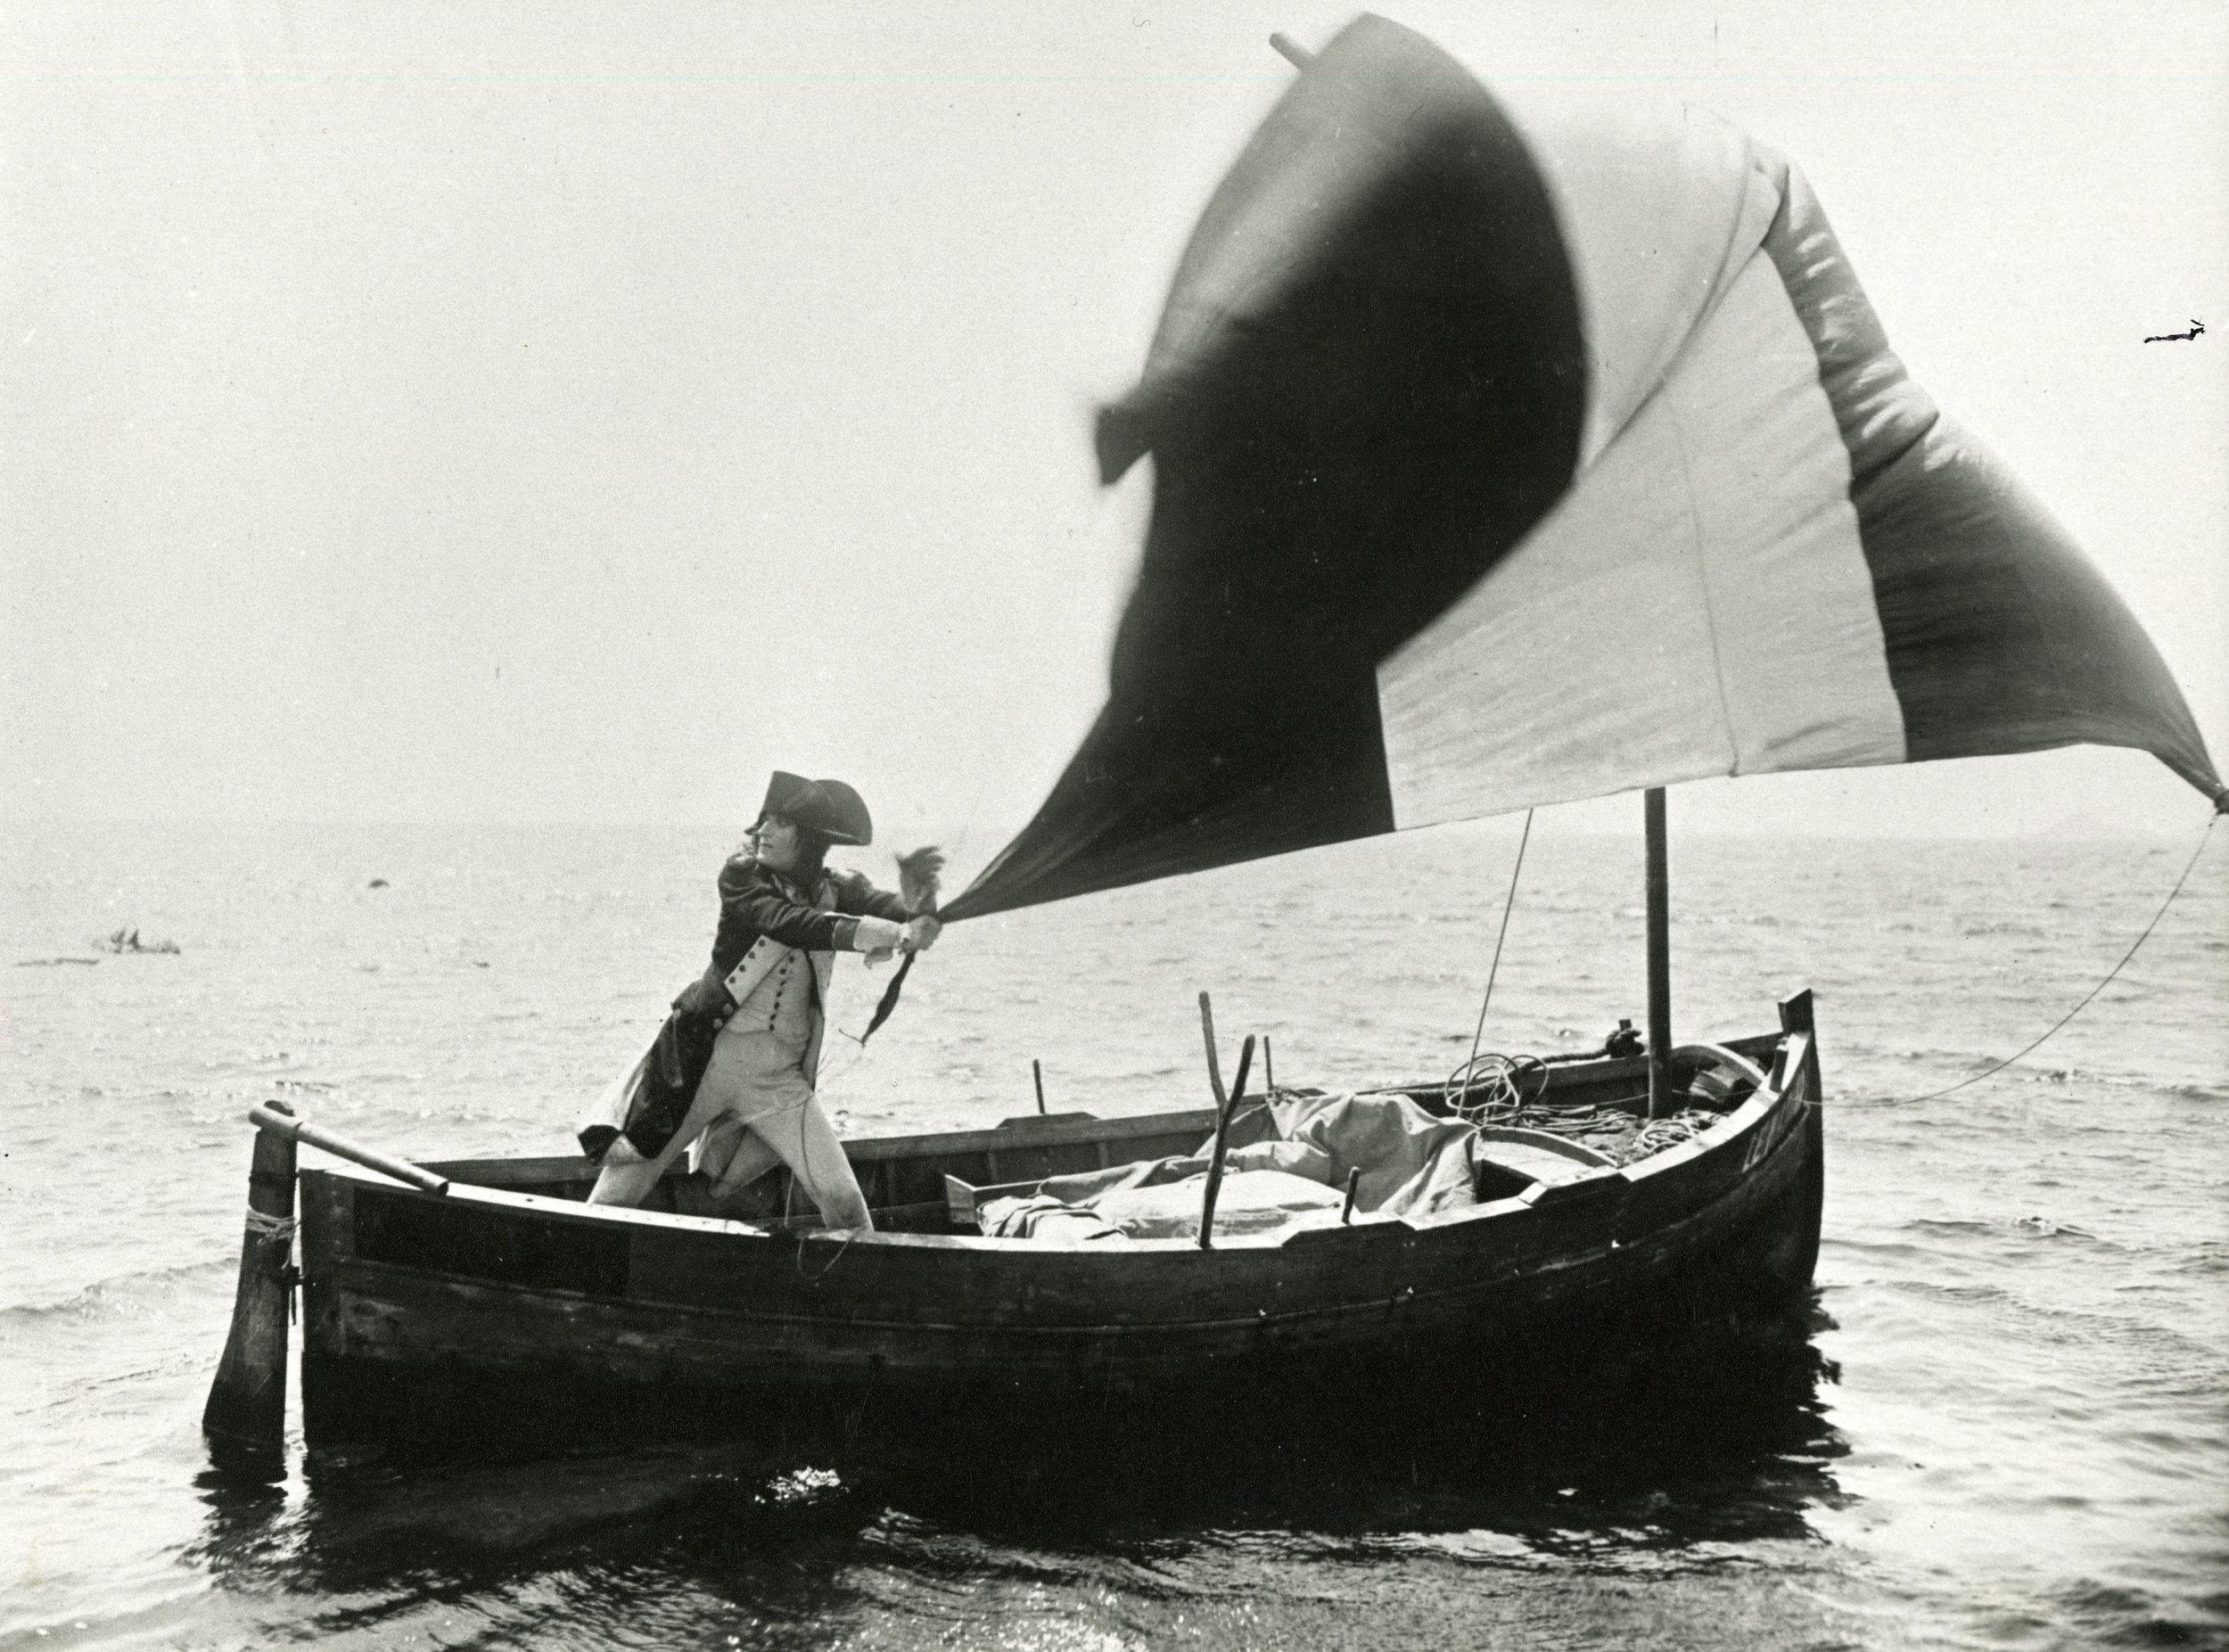 Napoléon Bonaparte makes a heroic escape with the tricolour as his sail.